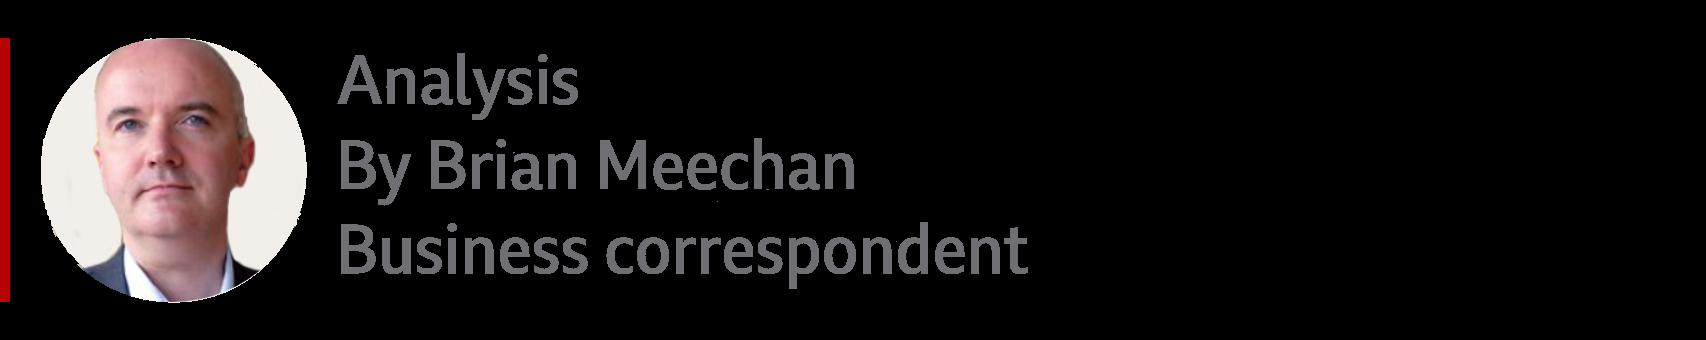 Brian Meechan banner